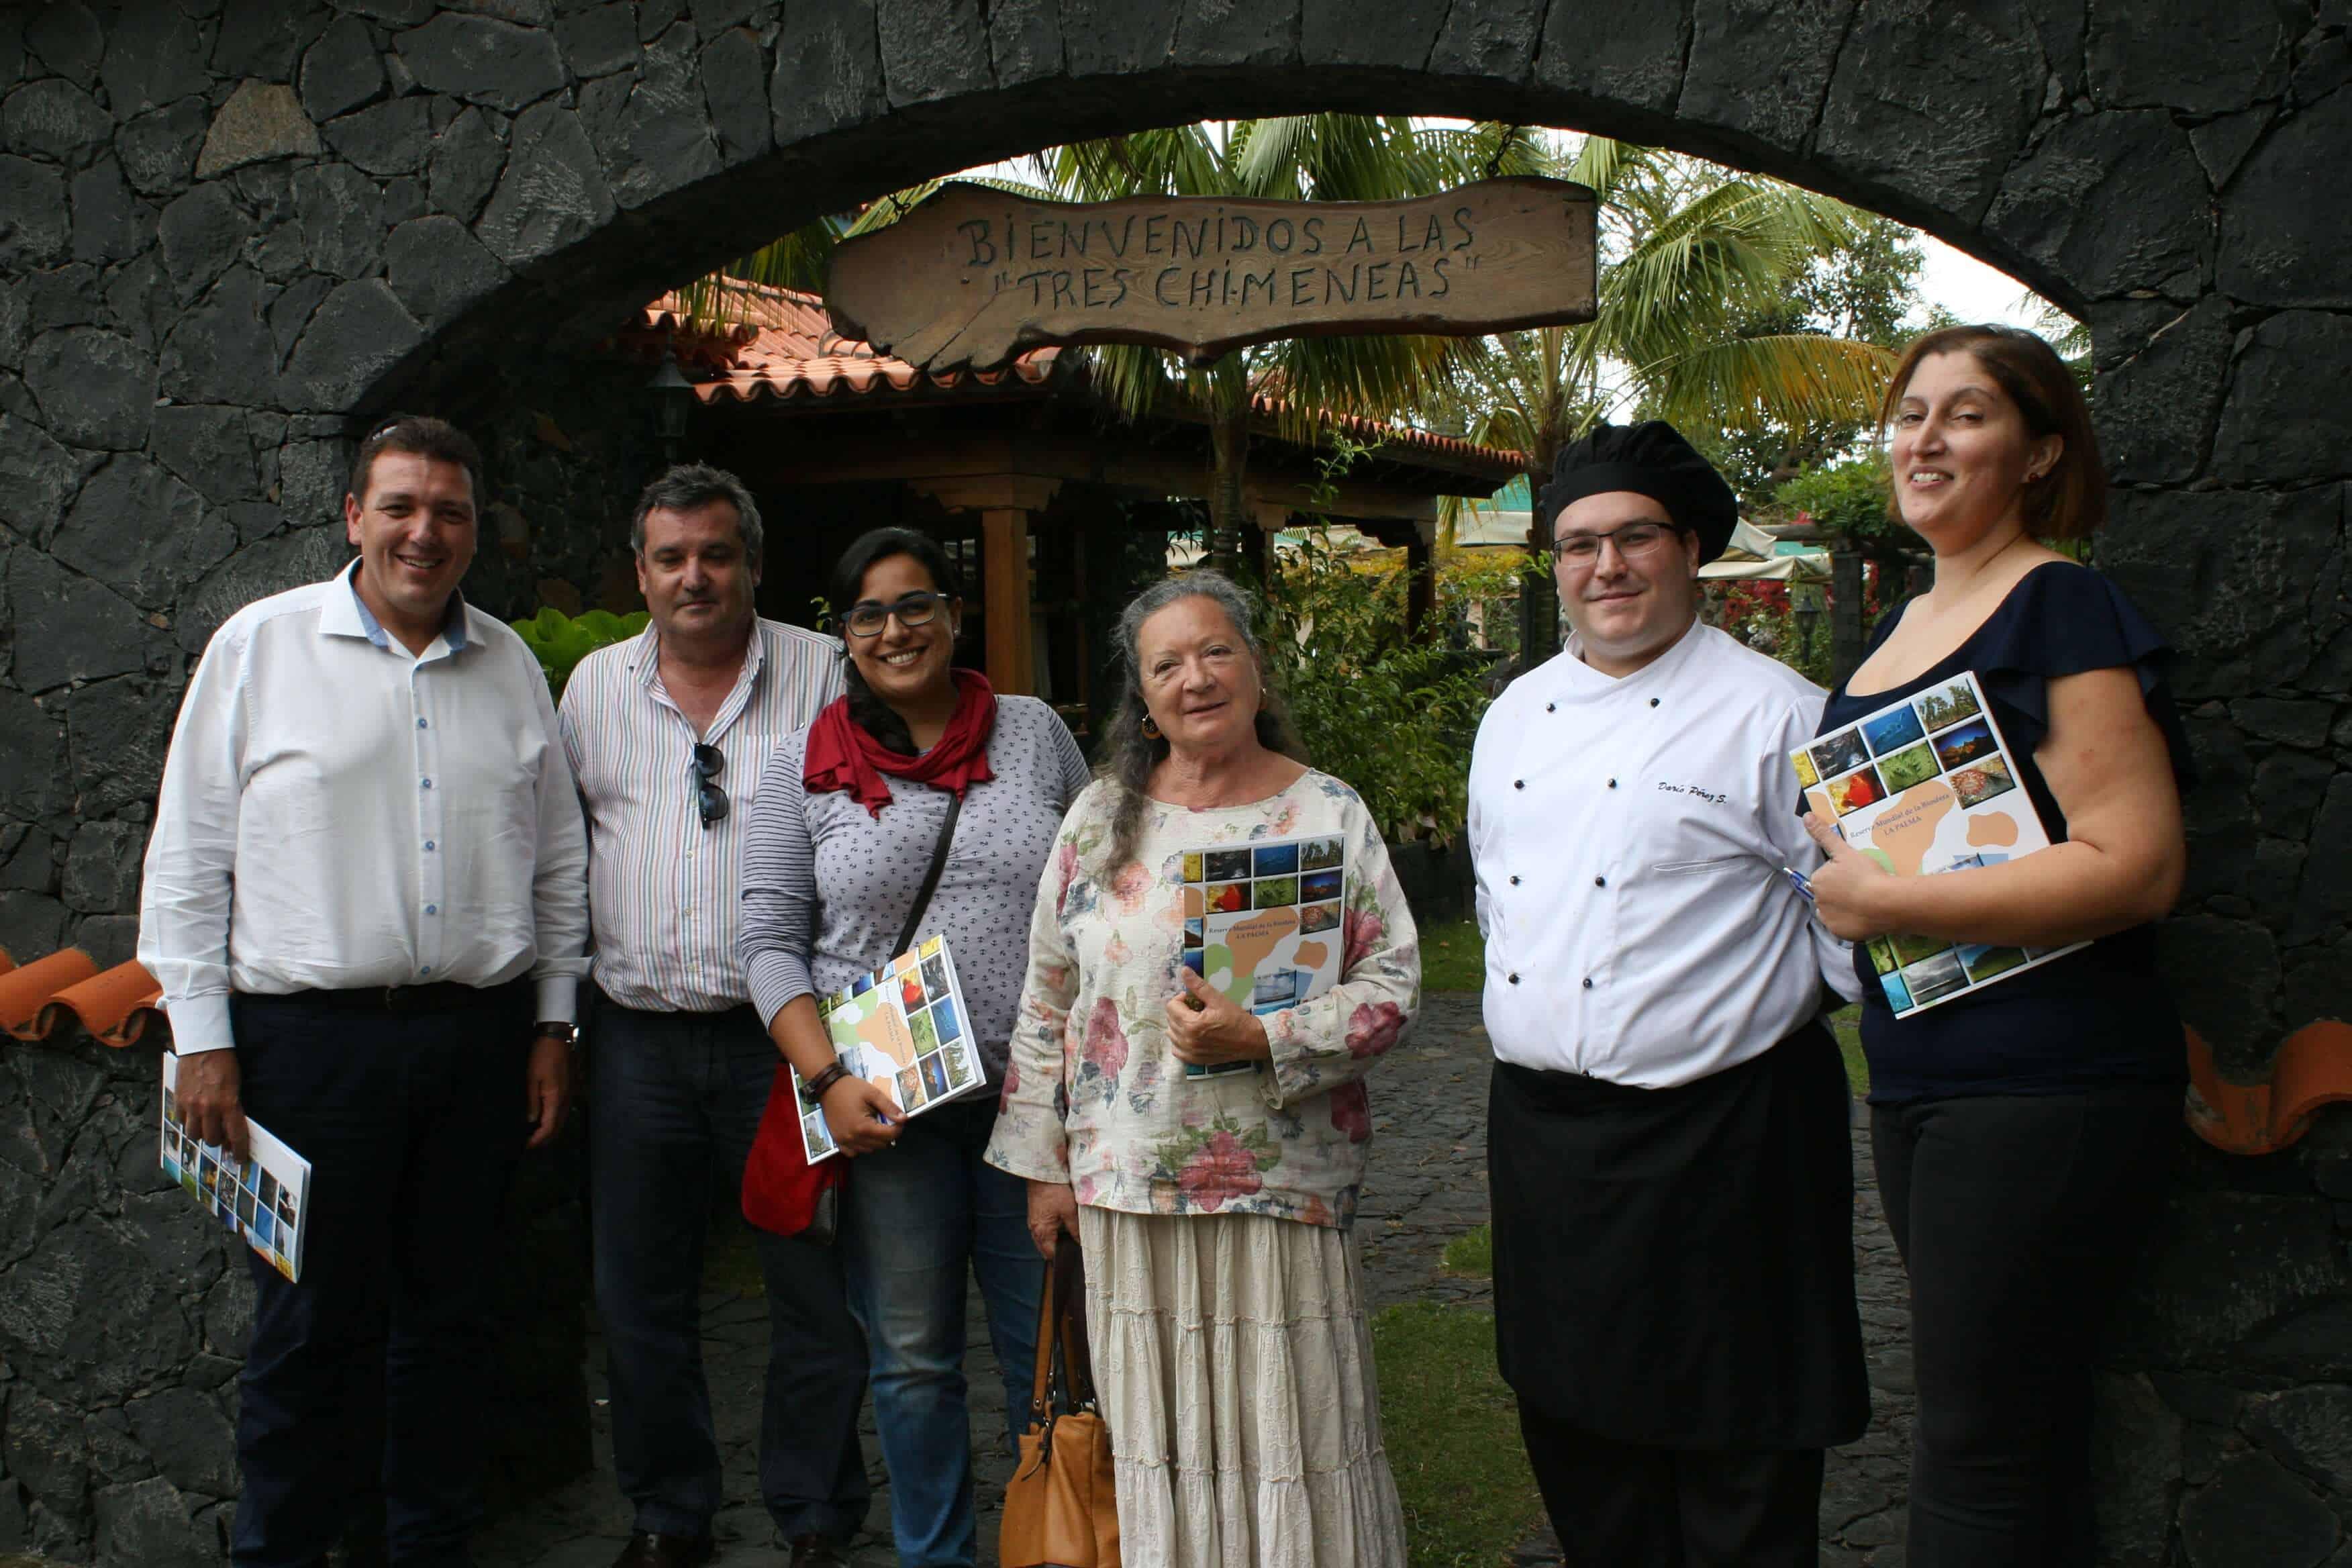 Serafín Romero Caballero y Darío Pérez Sánchez ganadores del Primer y Segundo premio del Concurso de Recetas de la Biosfera 2016.